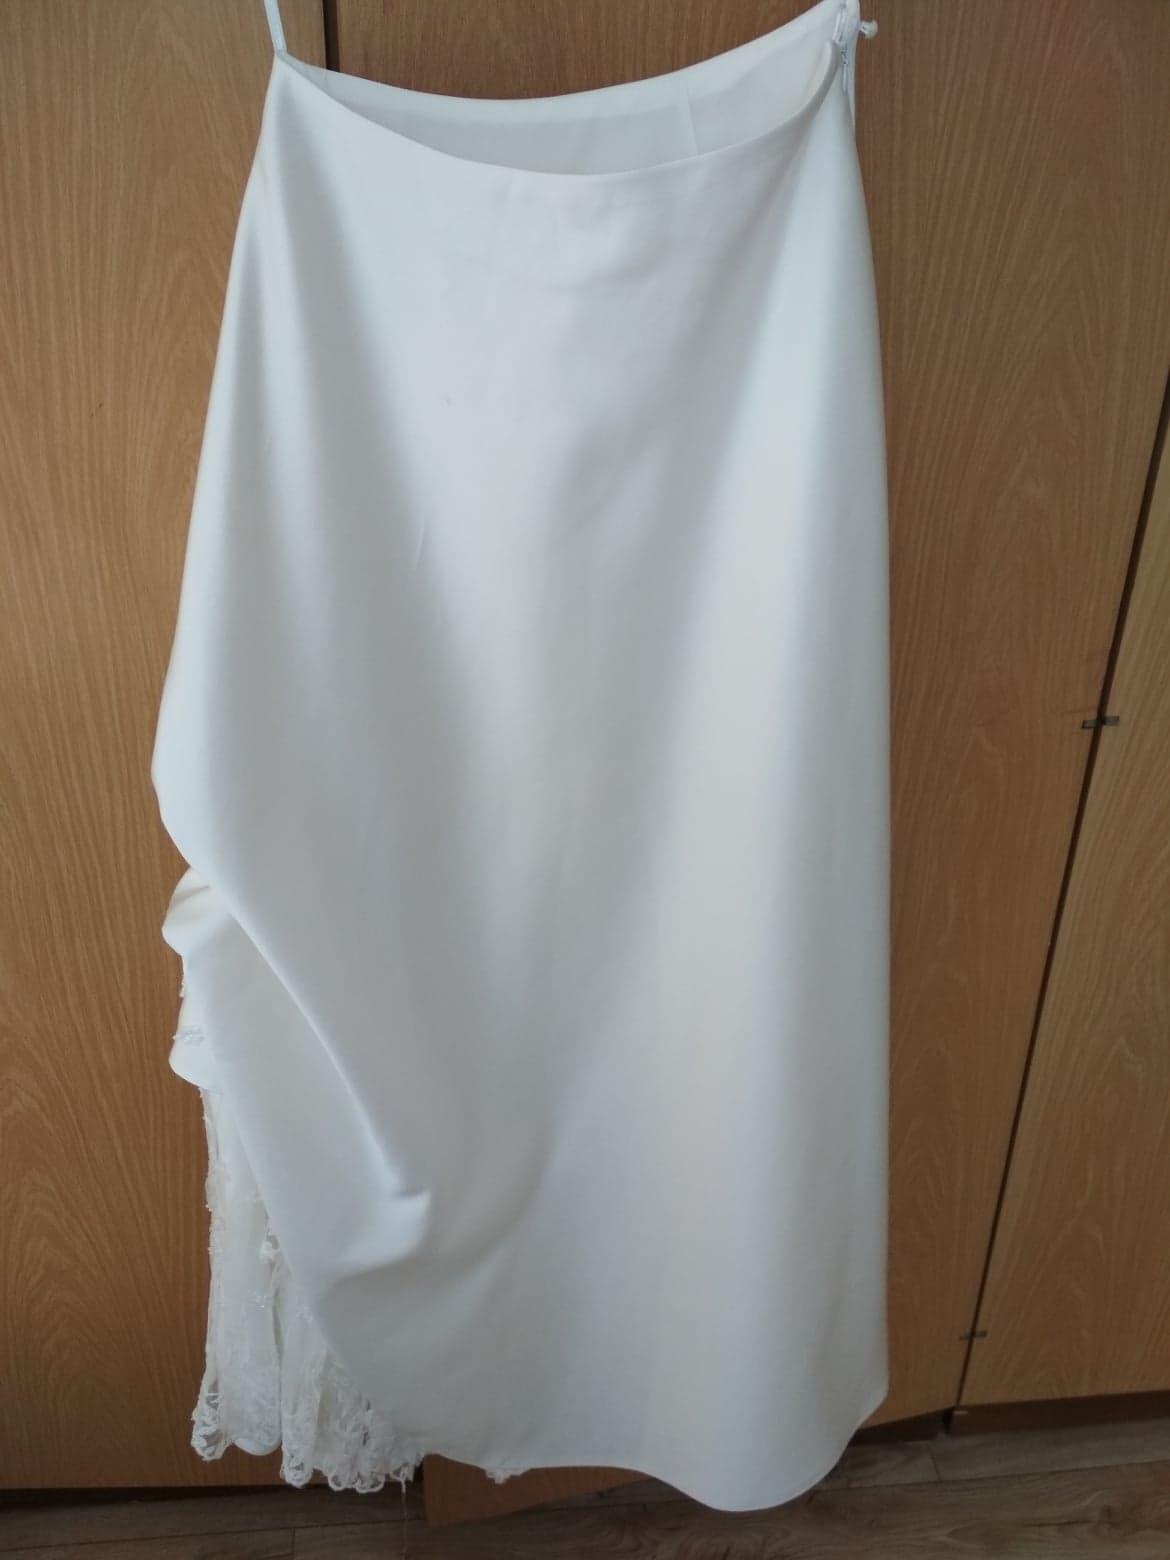 Svadobné šaty + bolerko. - Obrázok č. 4